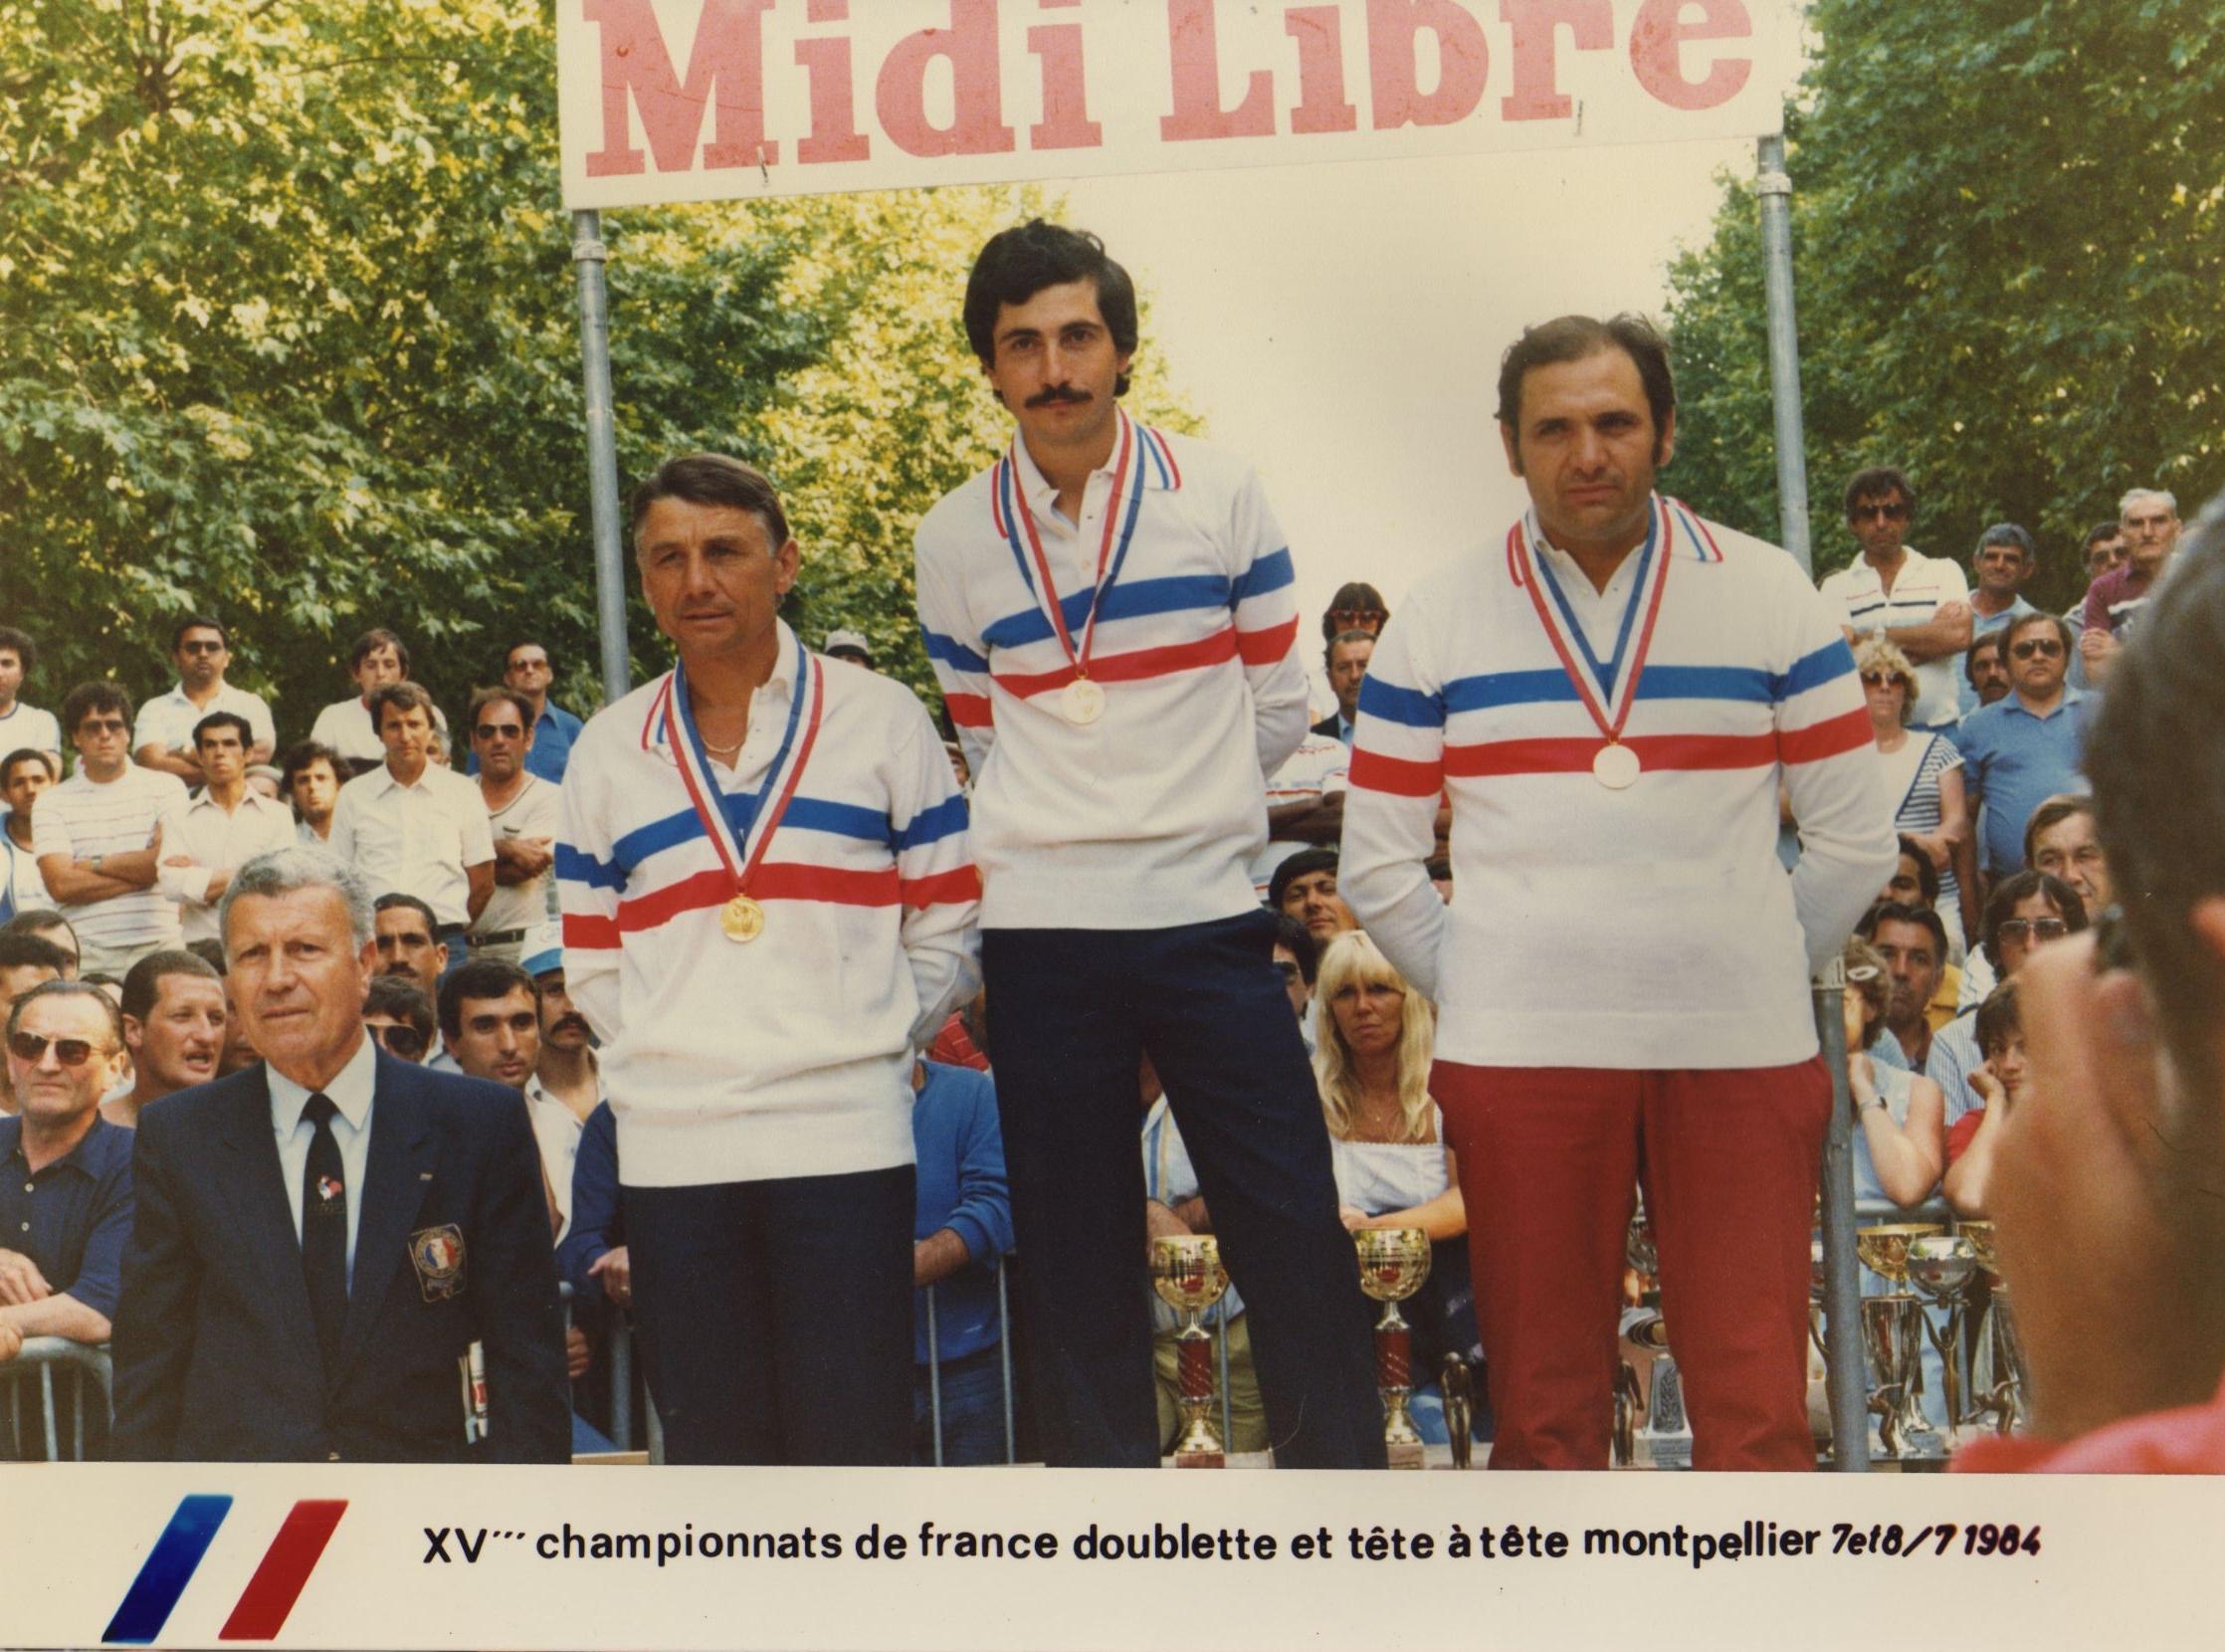 Les champions de France 1984 à MONTPELLIER, pour la doublette VOISIN et FAZZINO pour l'individuel COMBARNOUS